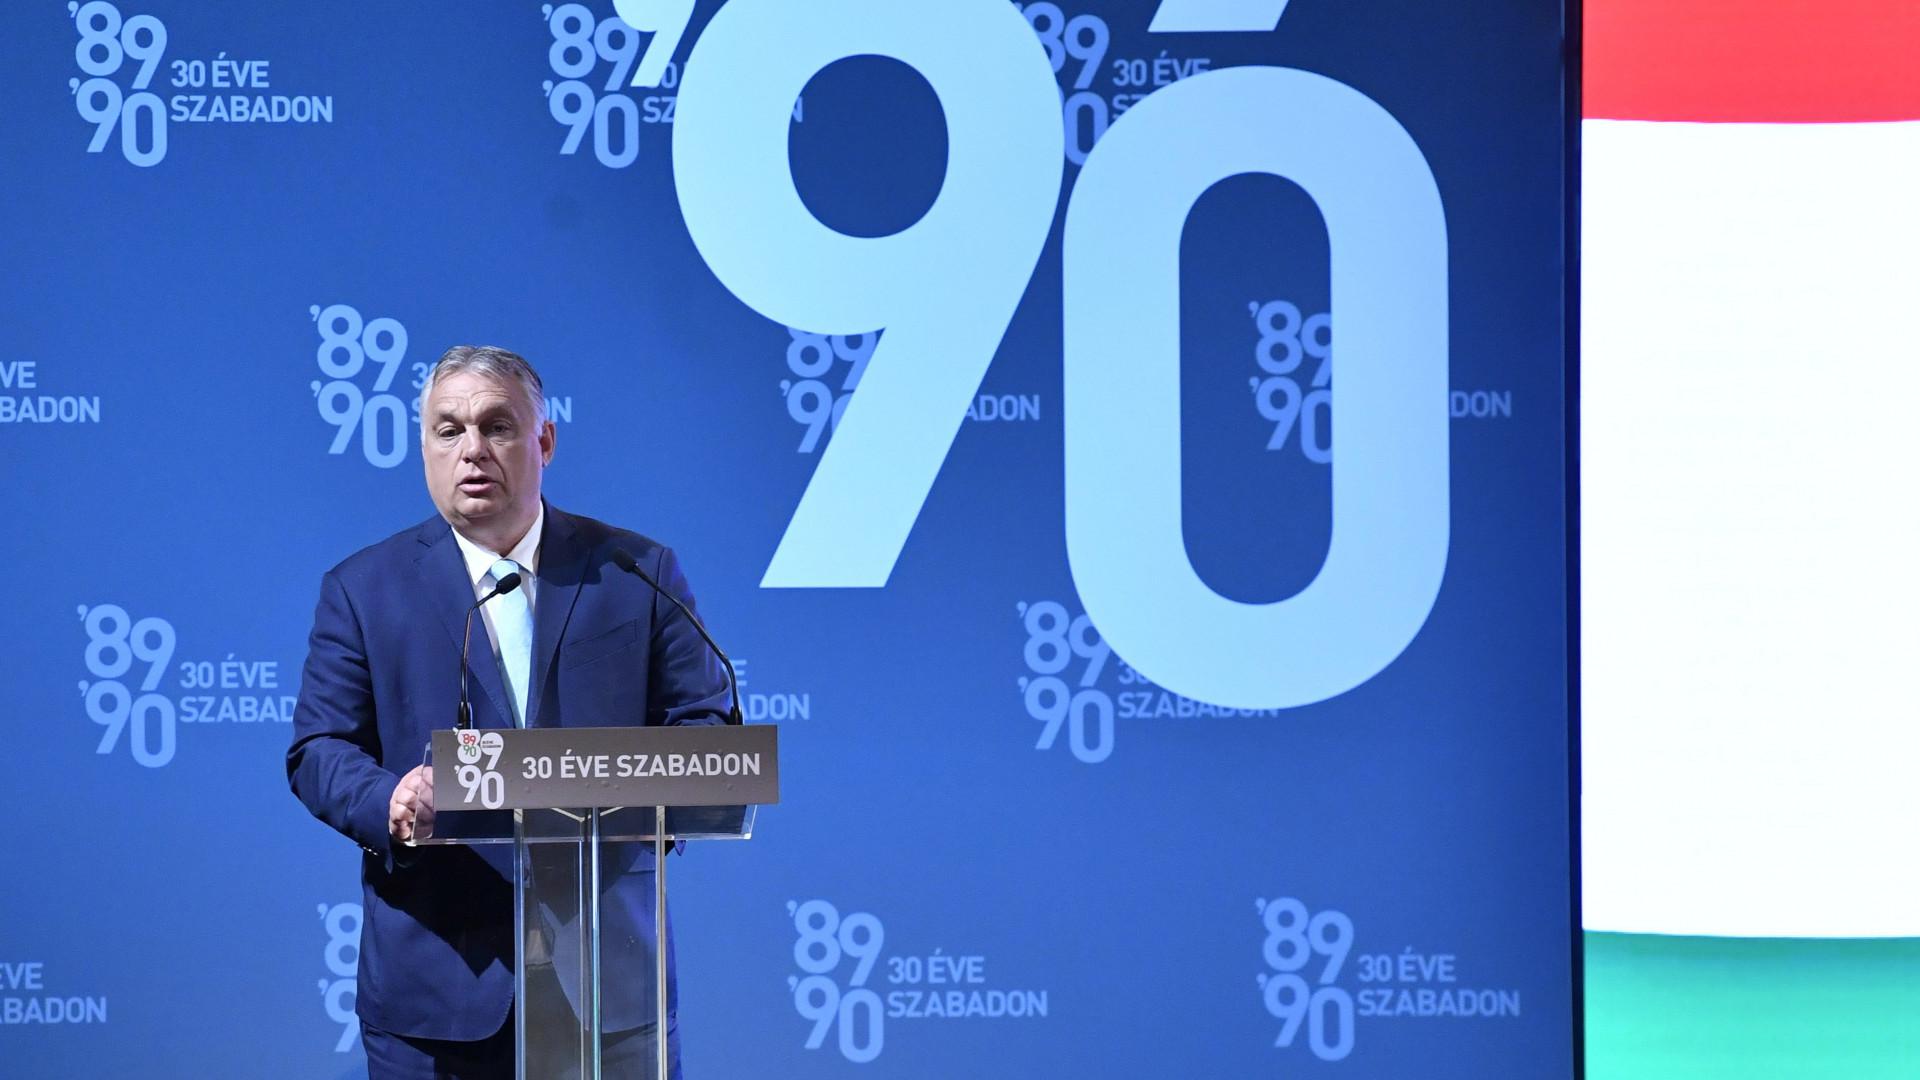 Kiderült, hogyan képzeli el az Európai Unió jövőjét Orbán Viktor